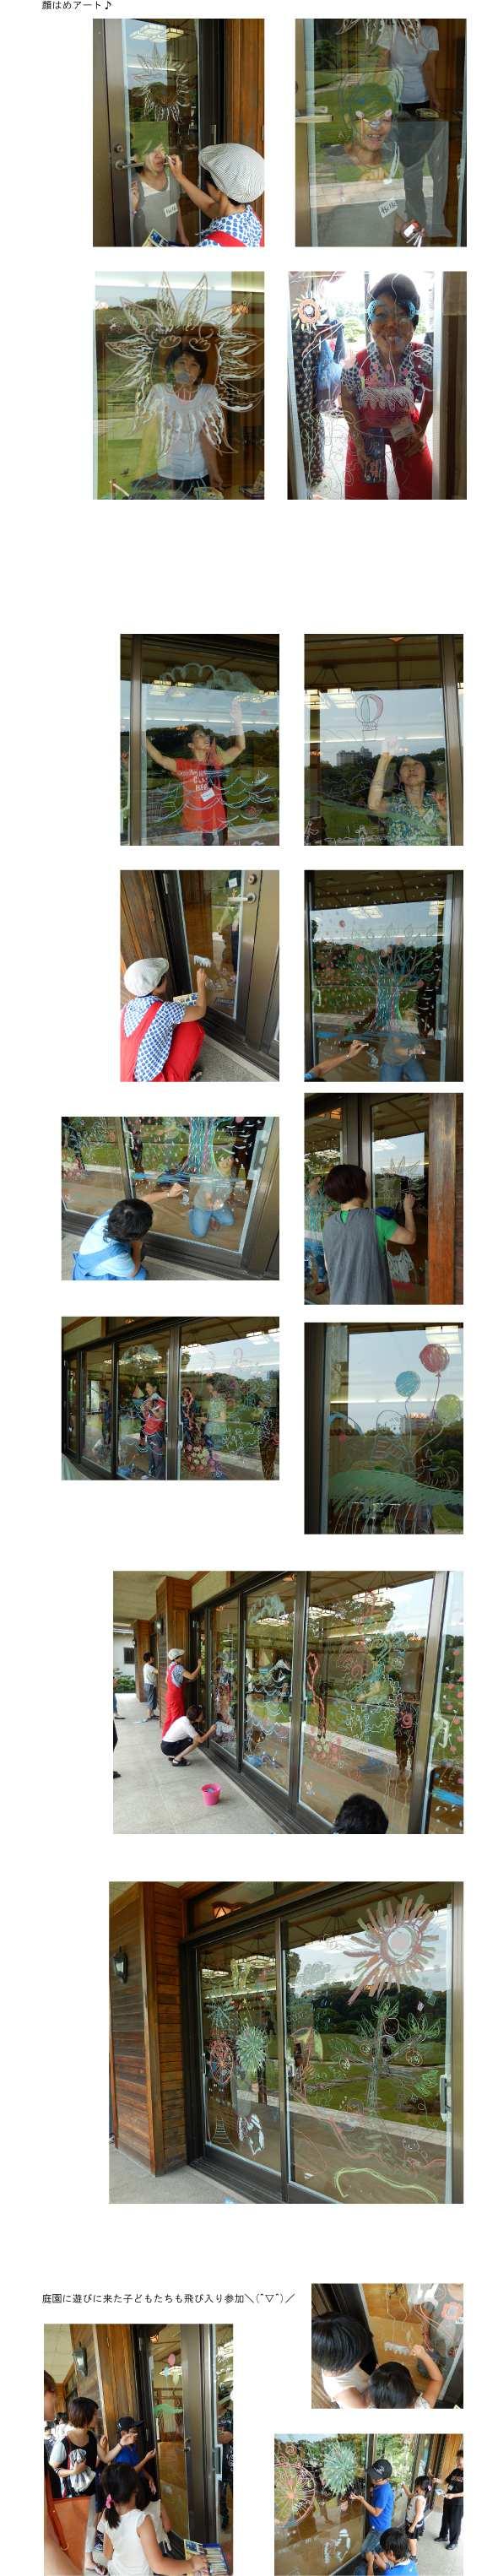 絵本作家スギヤマカナヨさんの「対話する絵画ワークショップ」にキットパスで協力しました@清澄庭園(2013年7月30日)